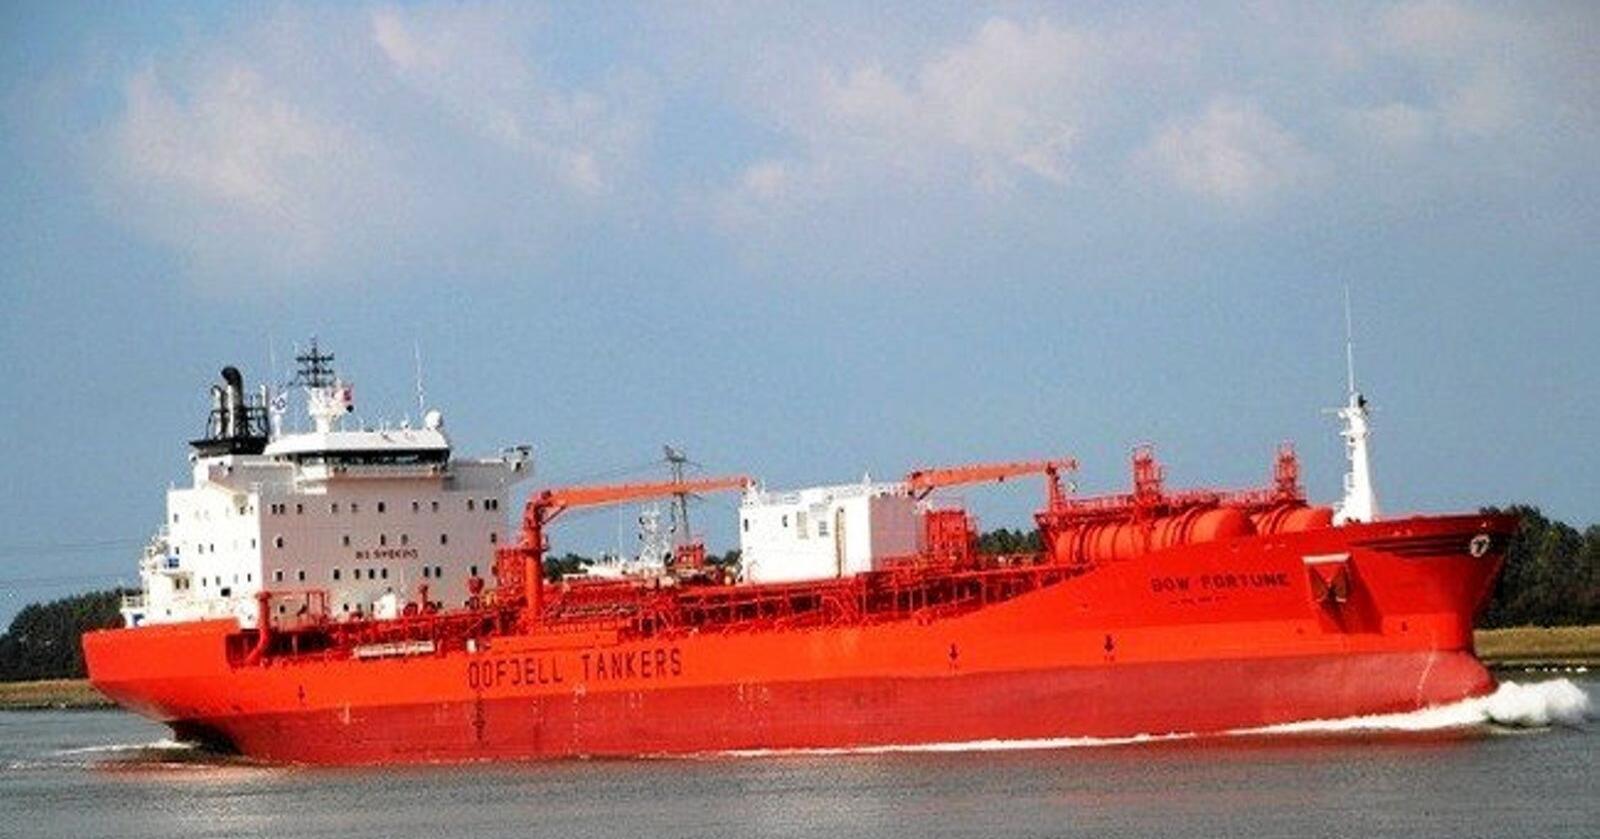 Odfjells kjemikalietanker Bow Fortune kolliderte med en fiskebåt i Texas tirsdag. To personer som var om bord på fiskebåten, er fortsatt savnet. Én person er bekreftet omkommet. Foto: Odfjell / NTB scanpix